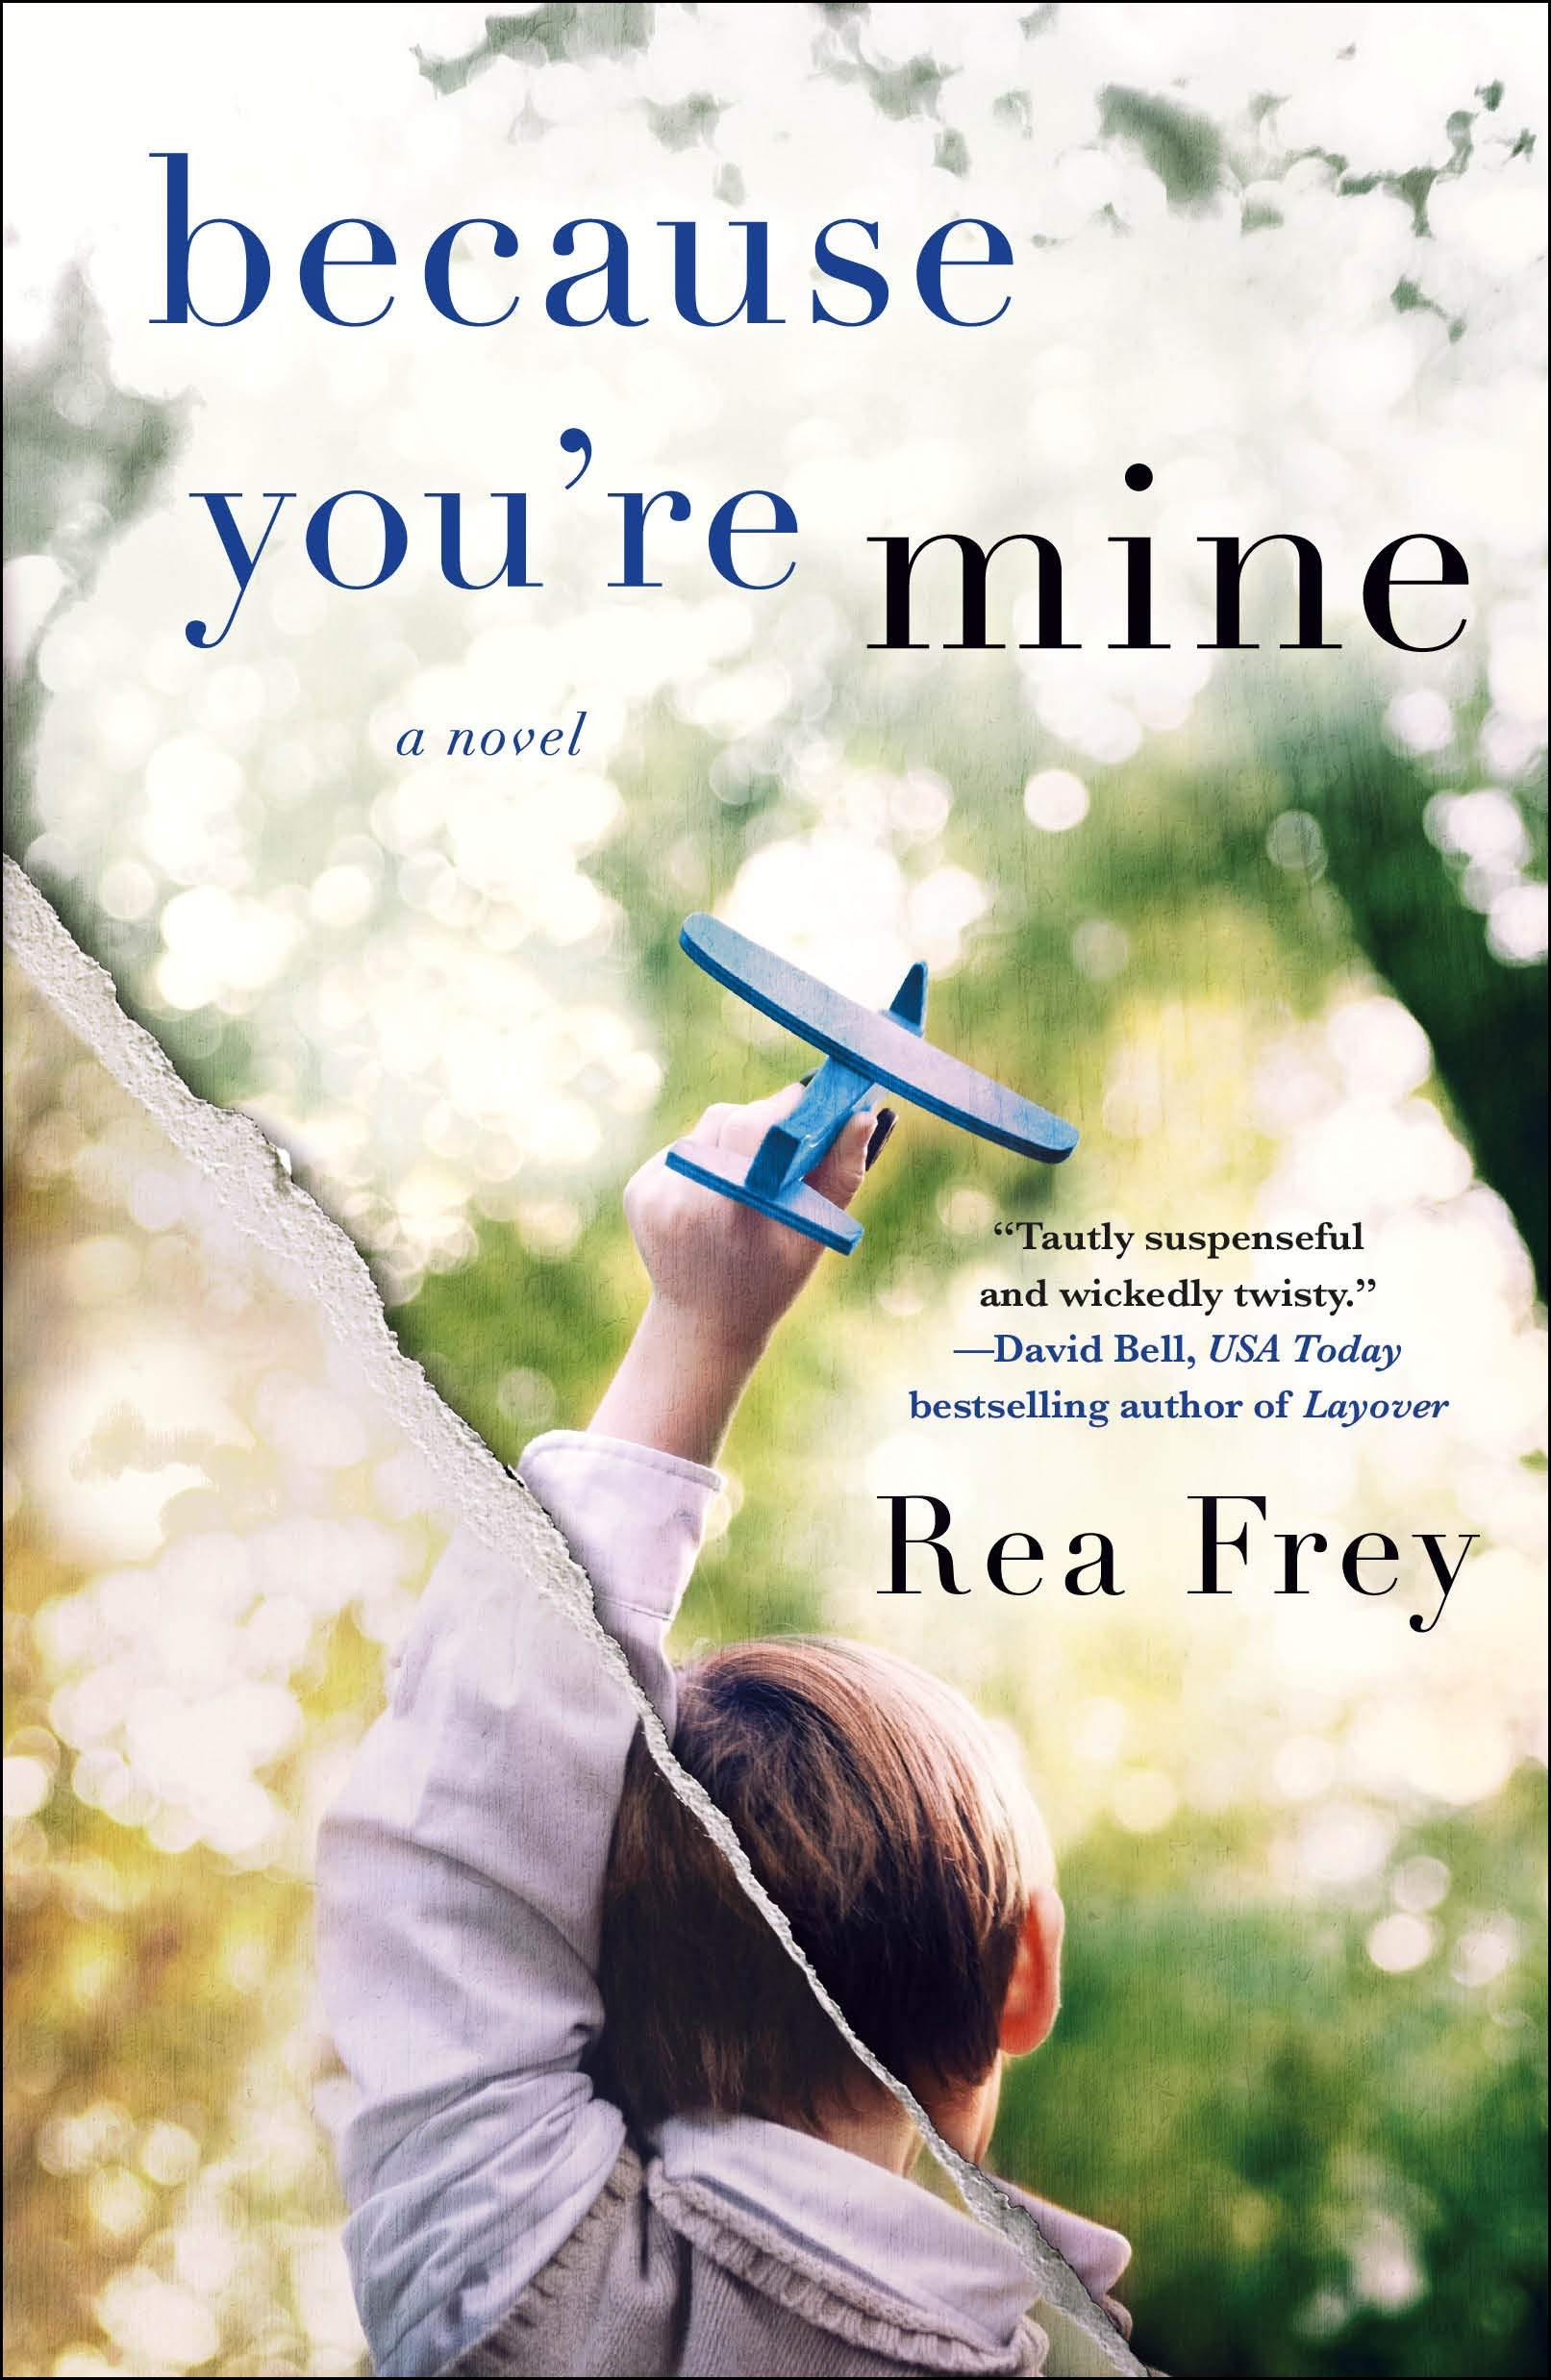 Rea Frey